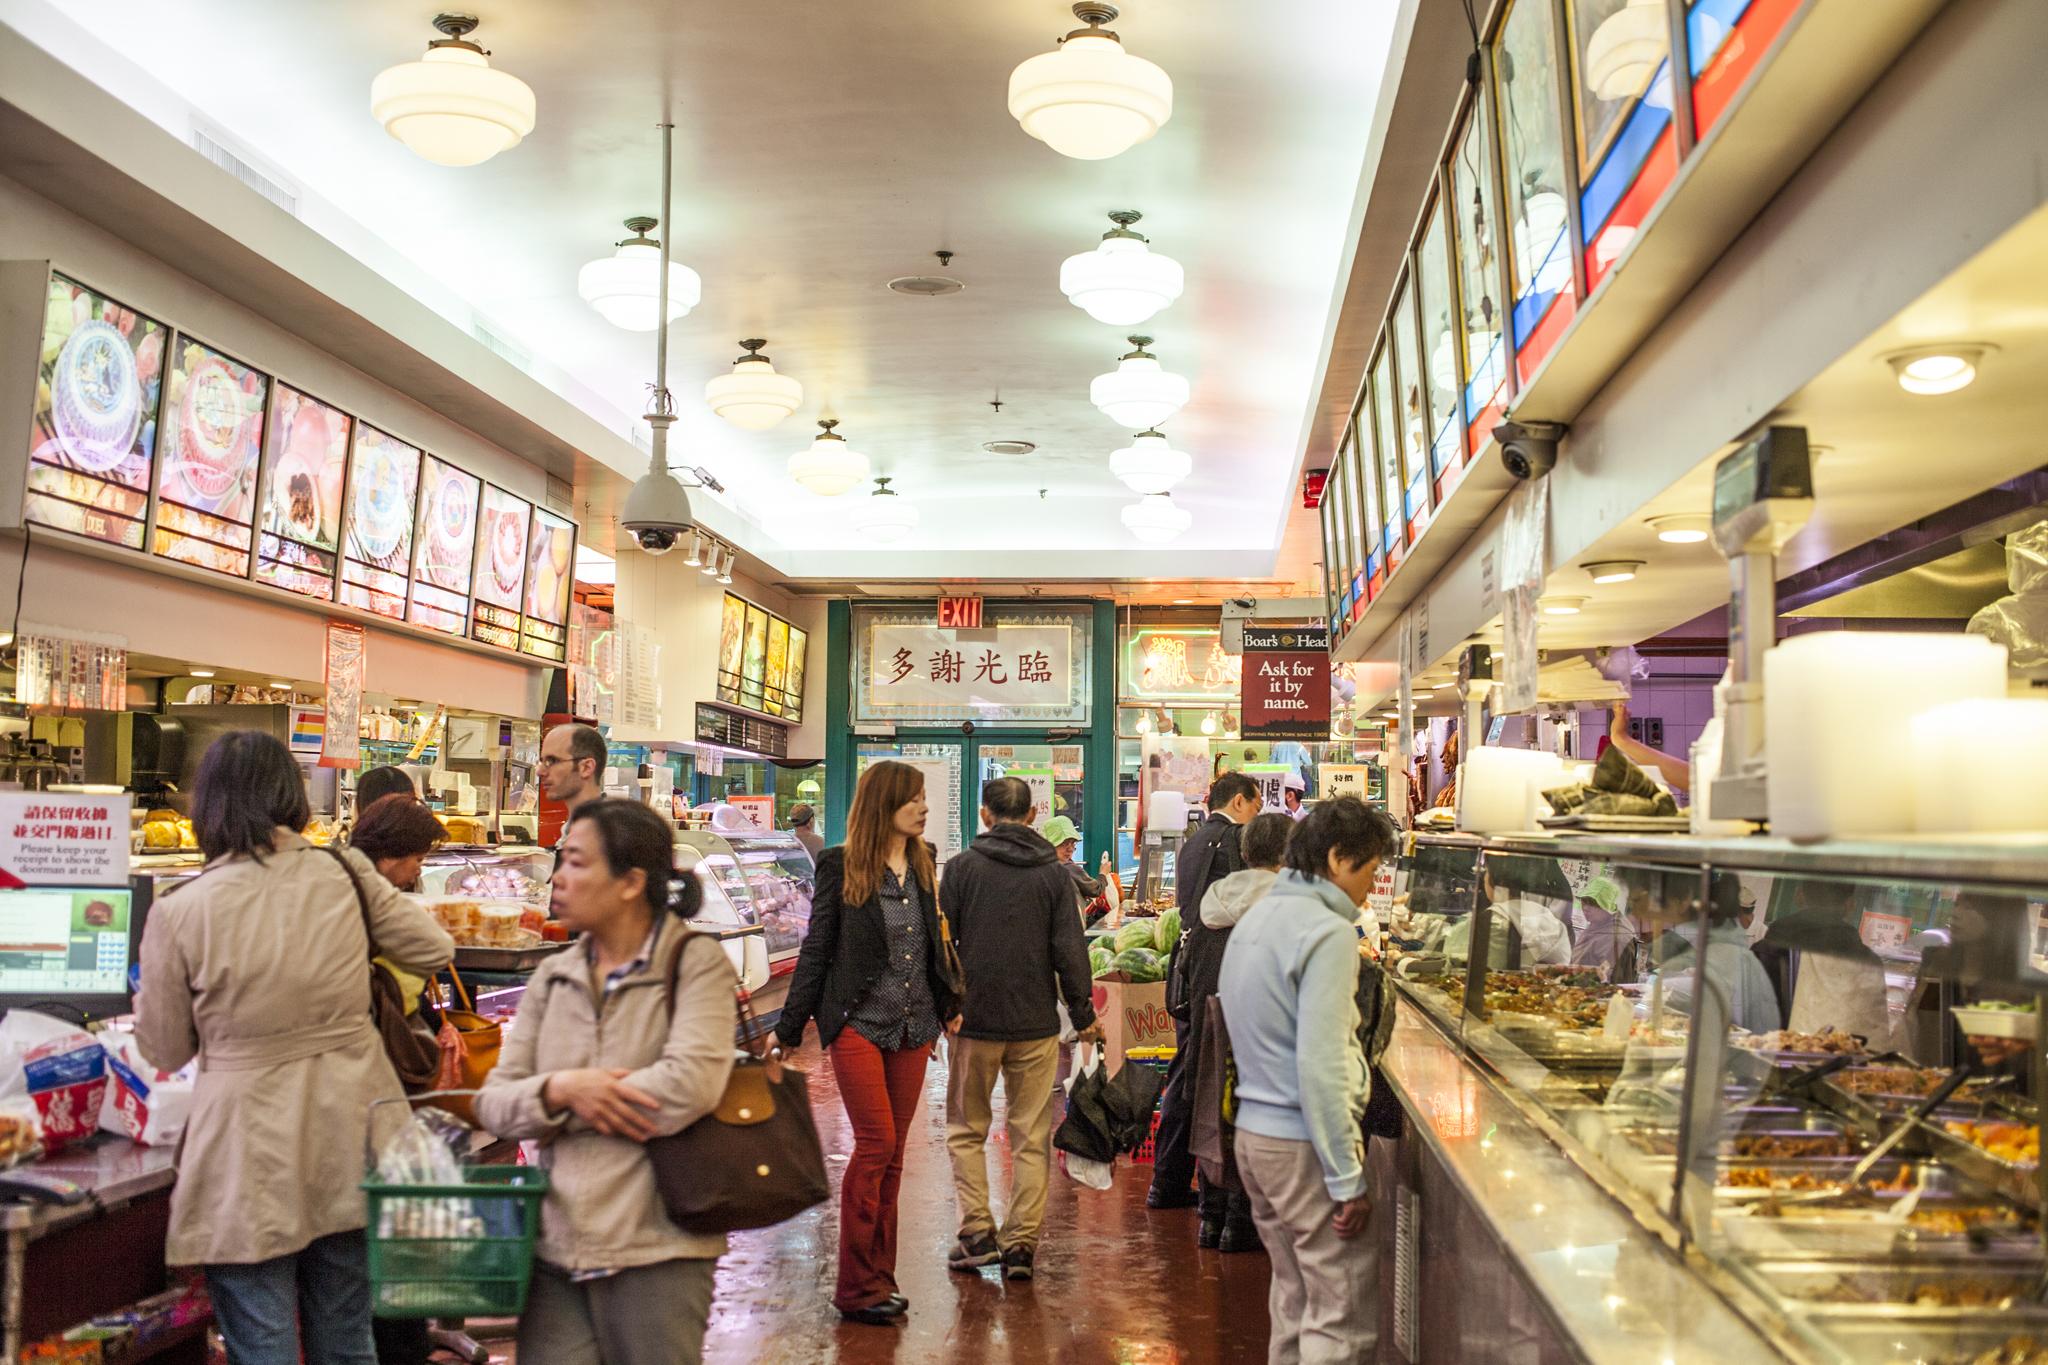 Market: Deluxe Food Market